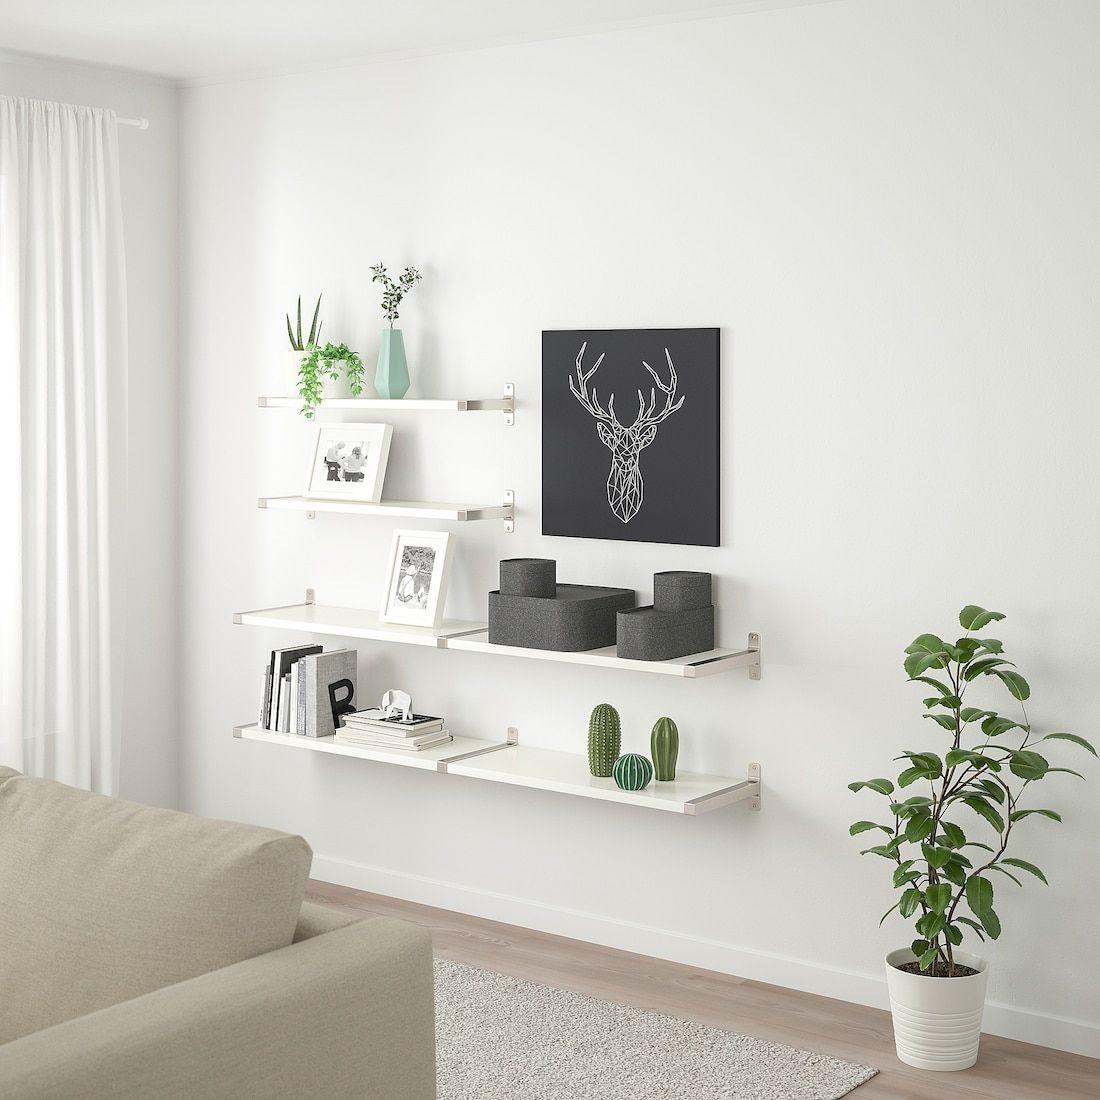 BERGSHULT / GRANHULT Wall shelf combination white